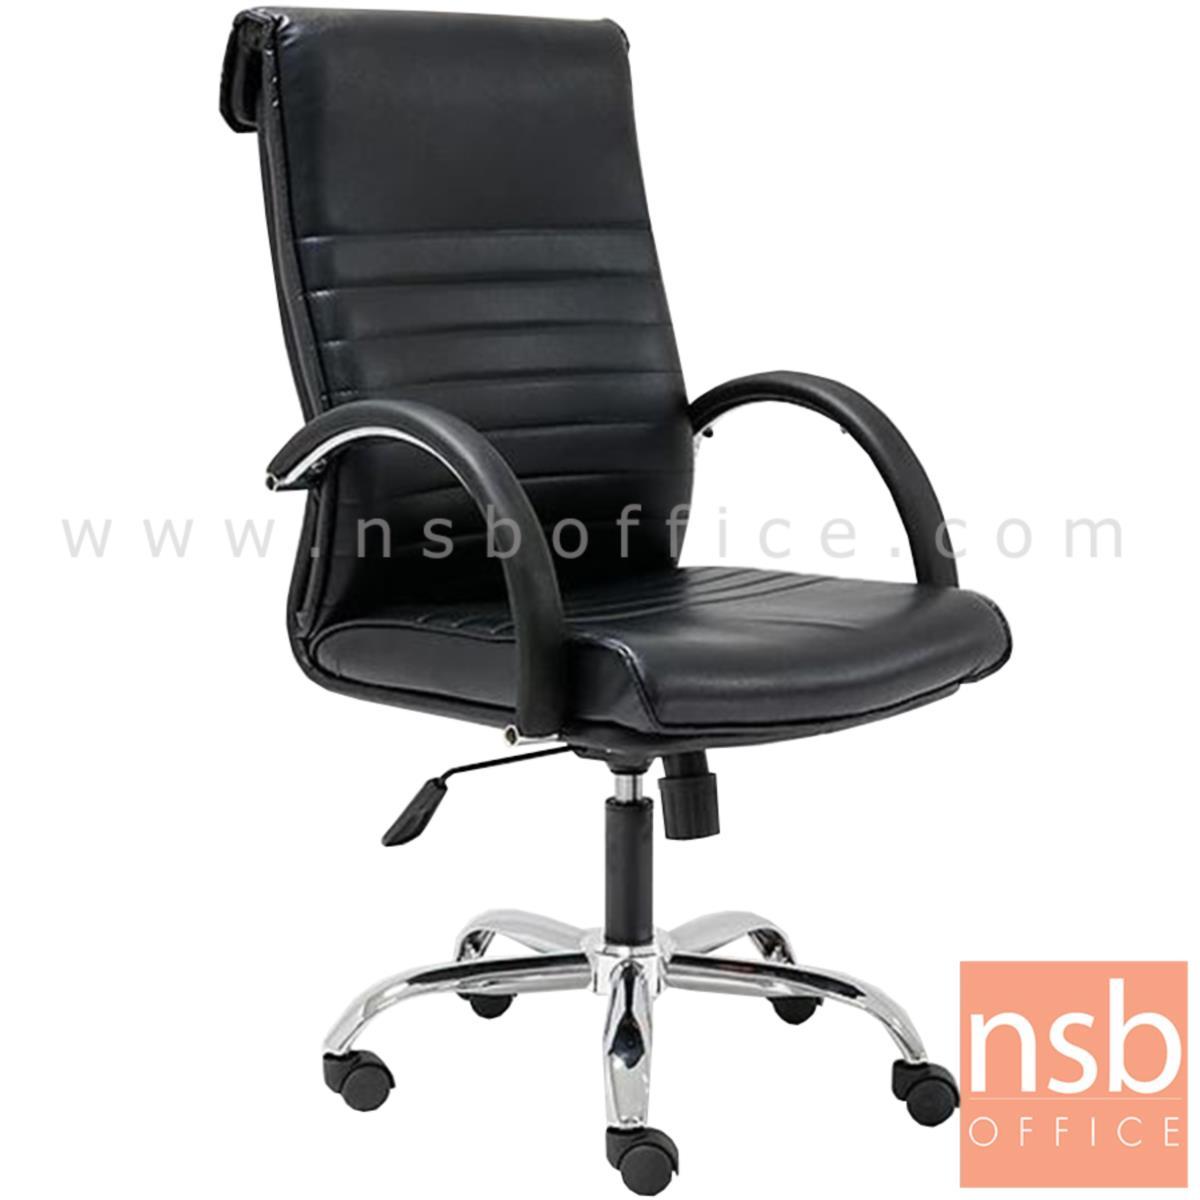 B01A232:เก้าอี้ผู้บริหาร รุ่น Birchard (เบอร์ชาร์ด)  โช๊คแก๊ส มีก้อนโยก ขาเหล็กชุบโครเมี่ยม